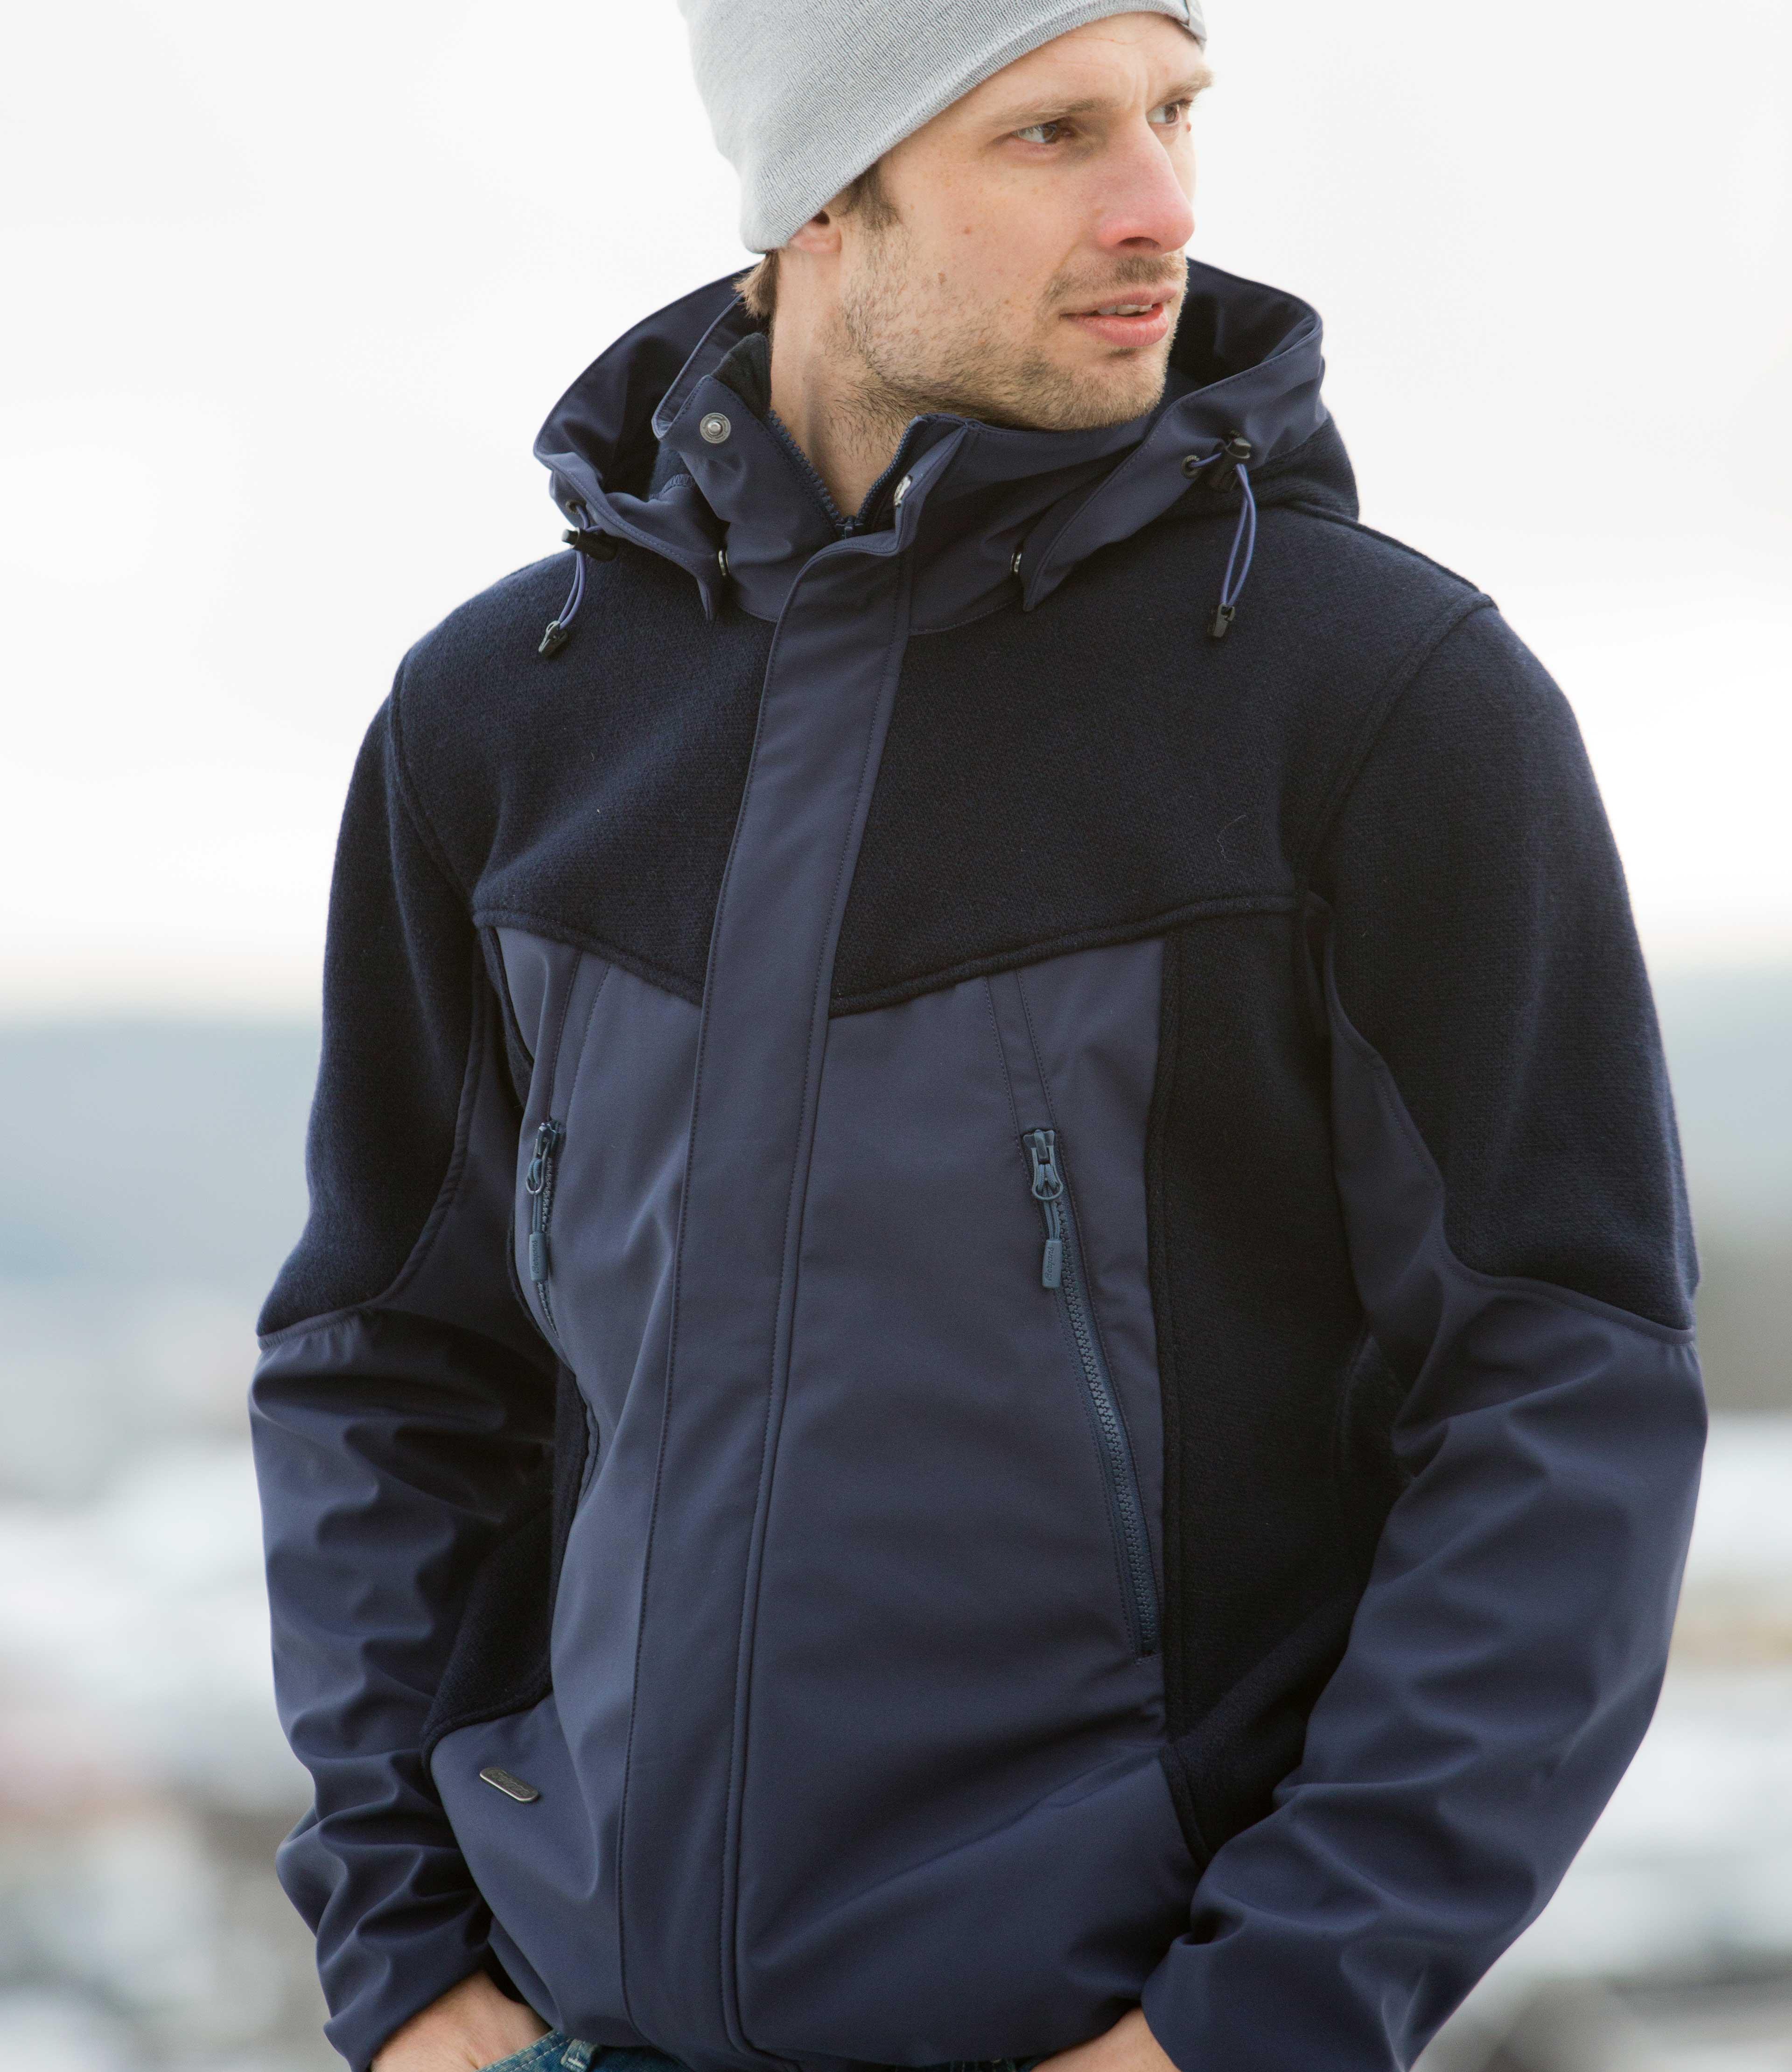 Florian Hybrid Jacket